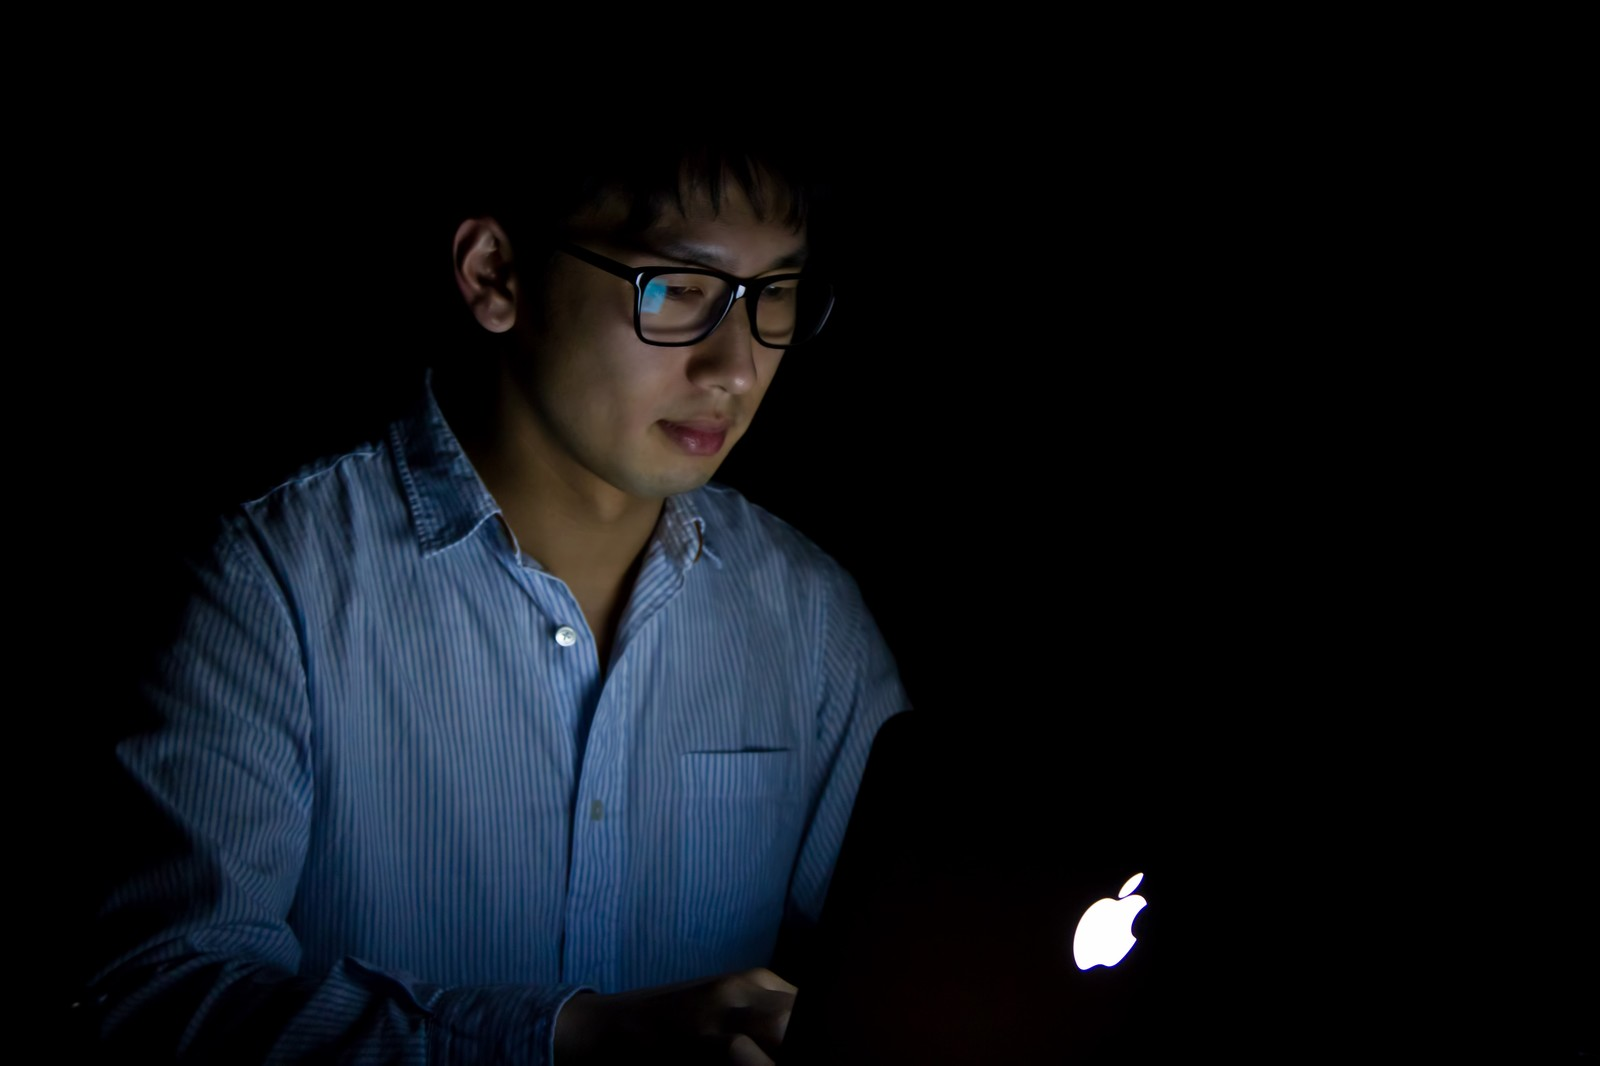 暗闇で残業をする男性